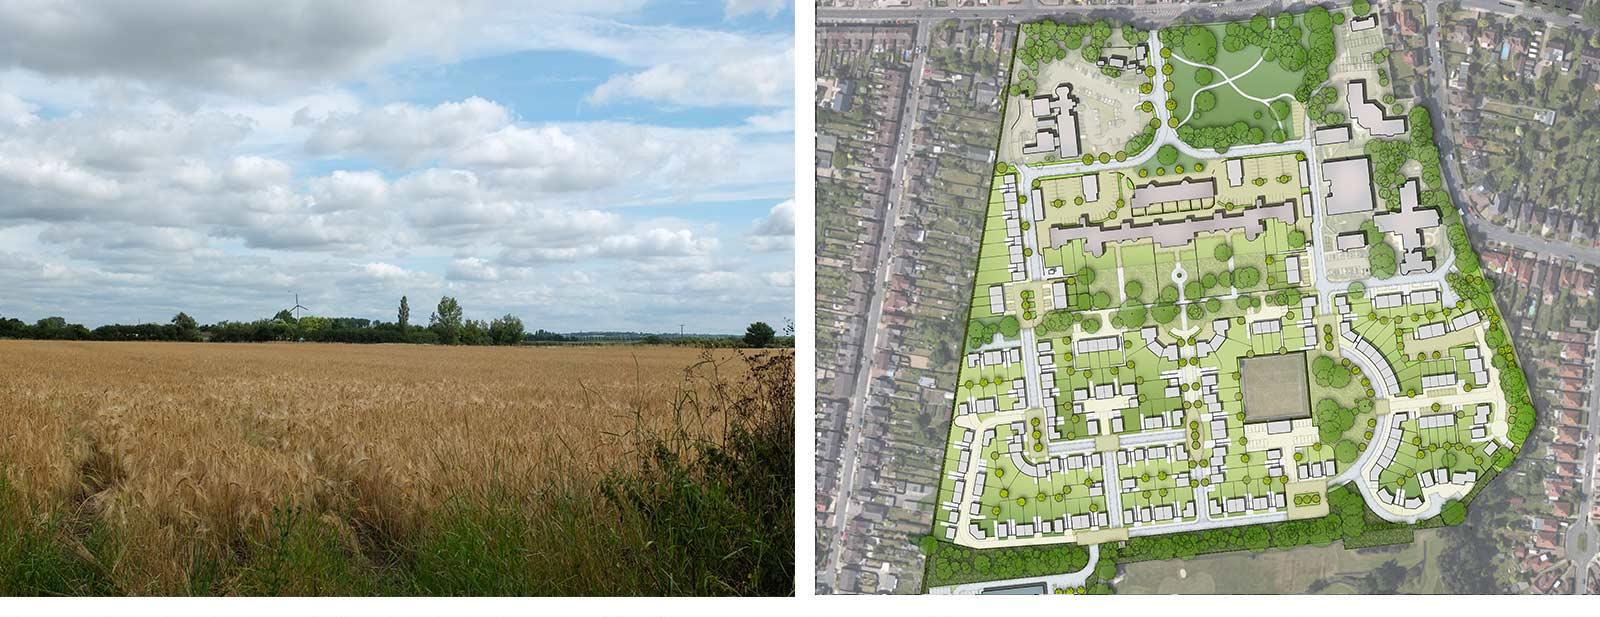 Open field landscape & landscape planning chart